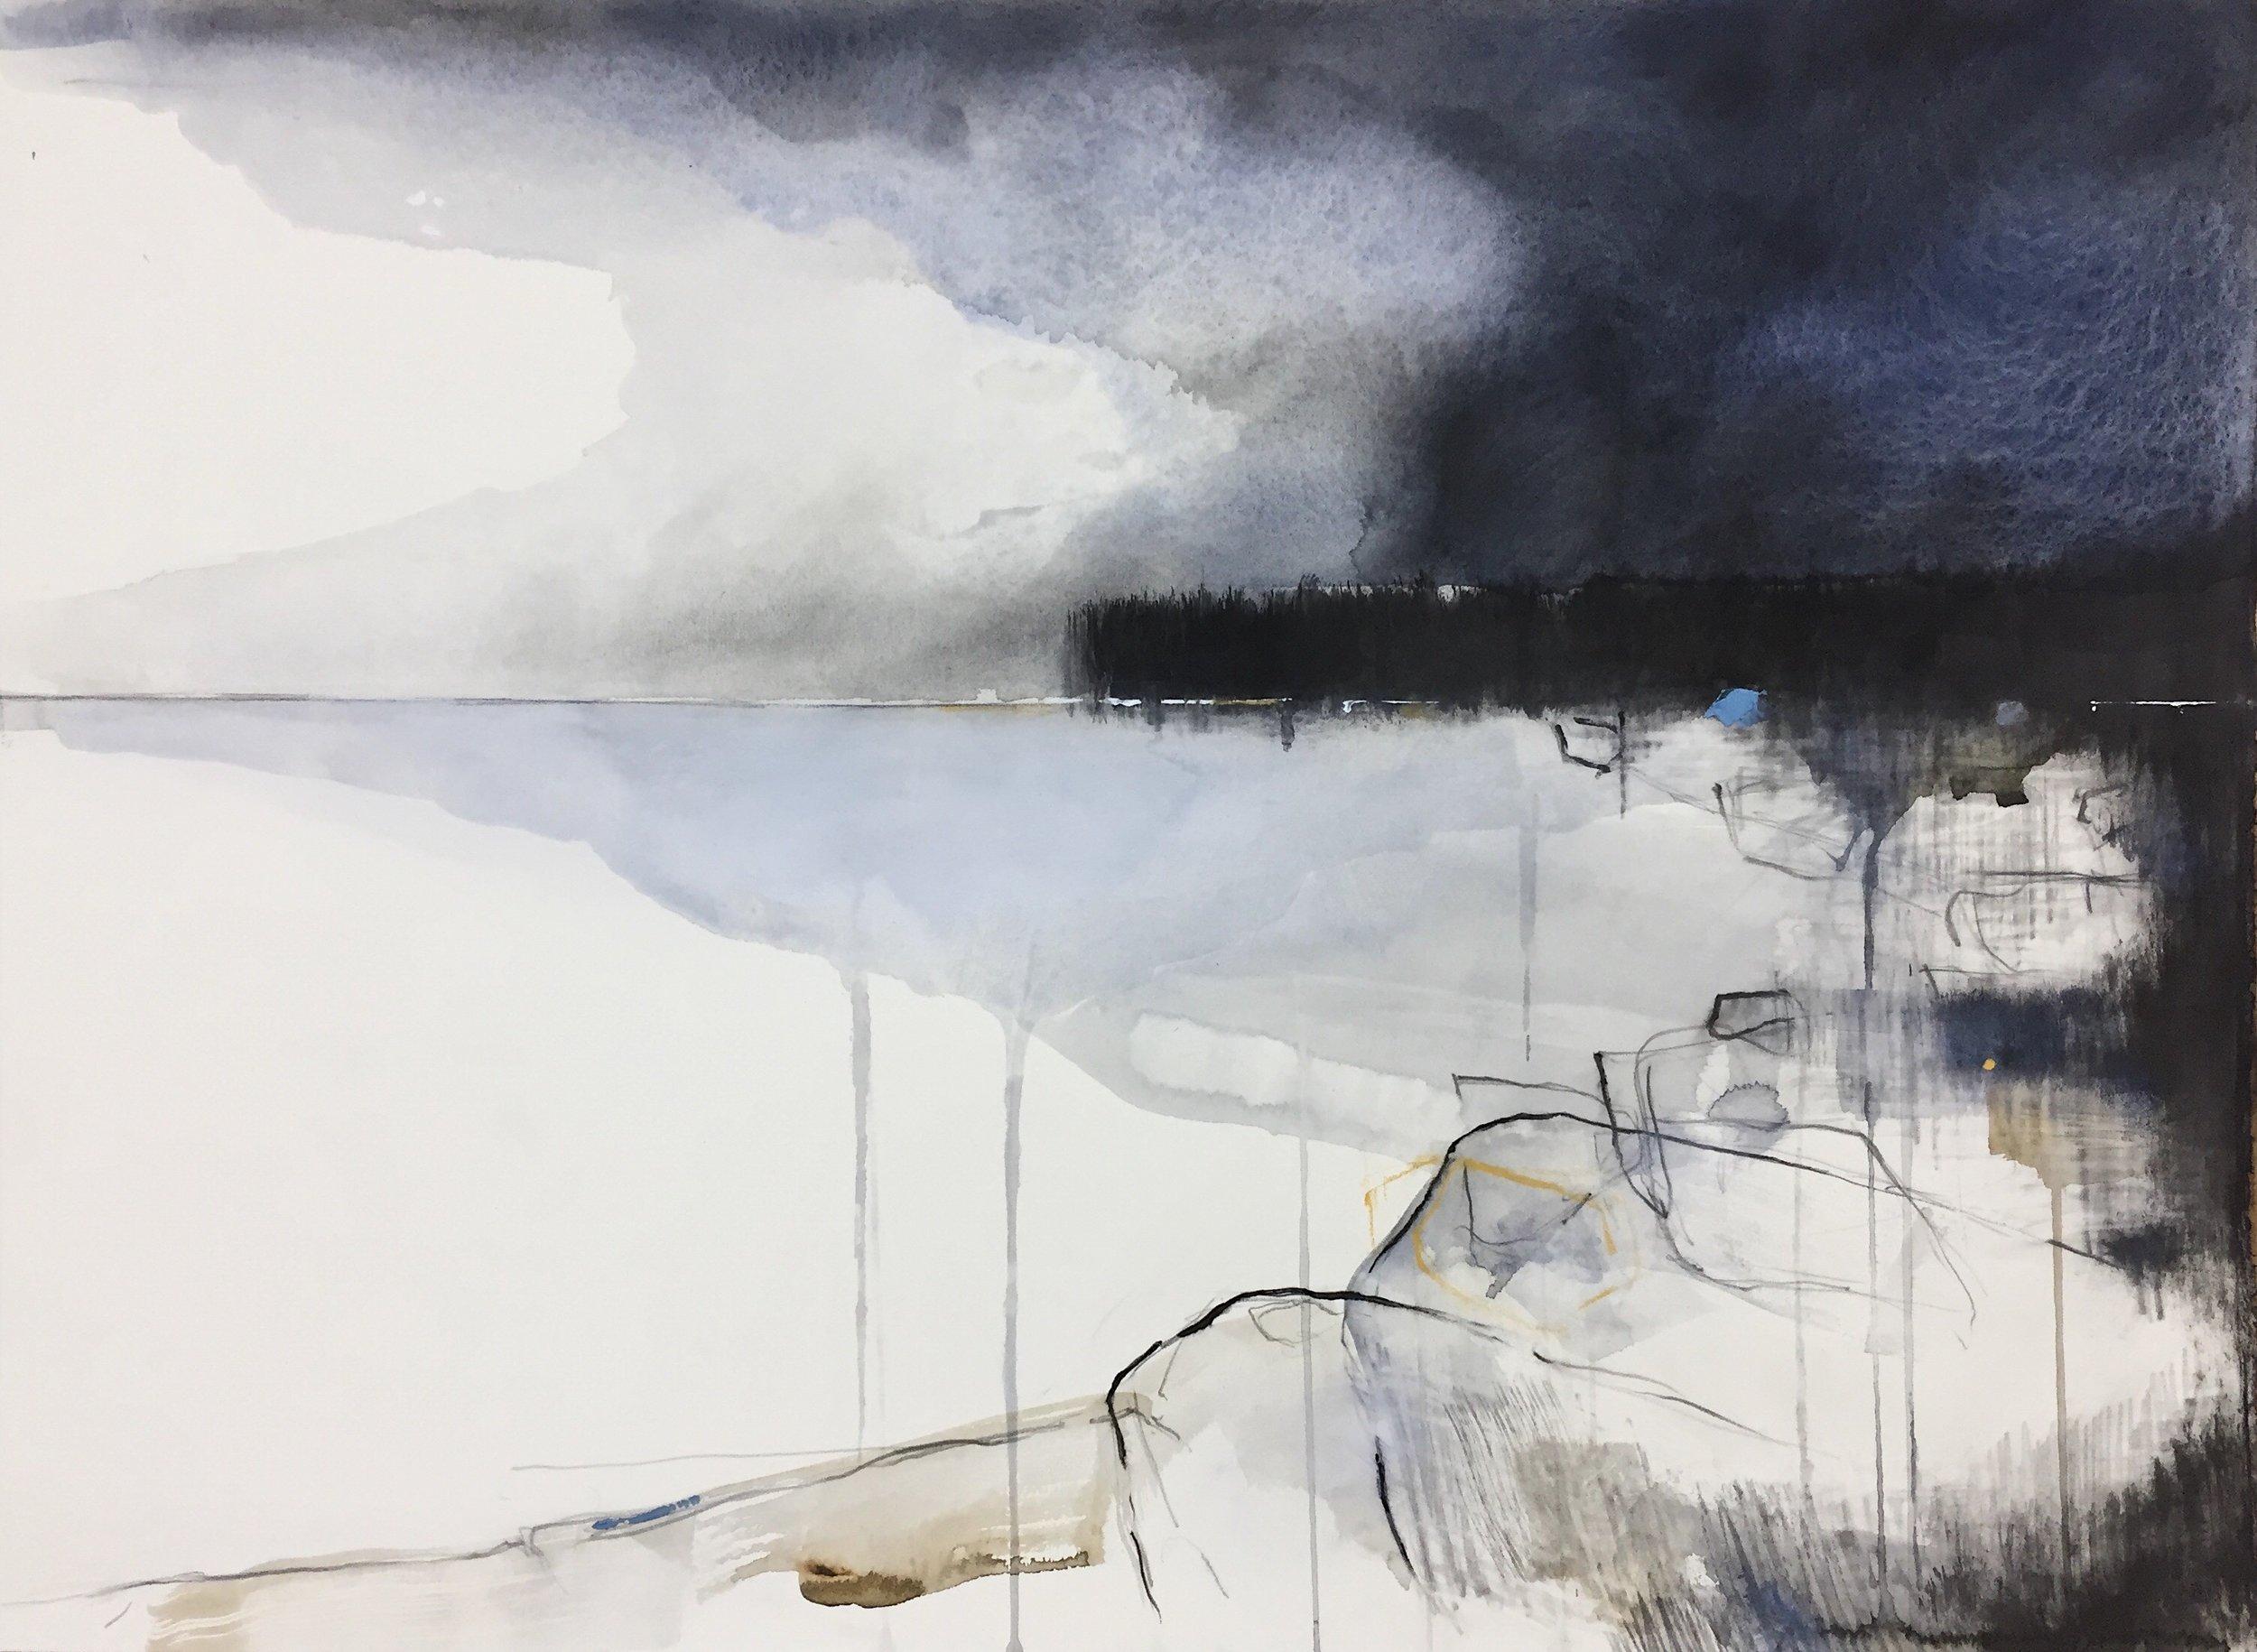 Indigo Clouds 1, Nanjizal.  Graphite, oil, watercolour and gesso on paper. 57 x 77cm